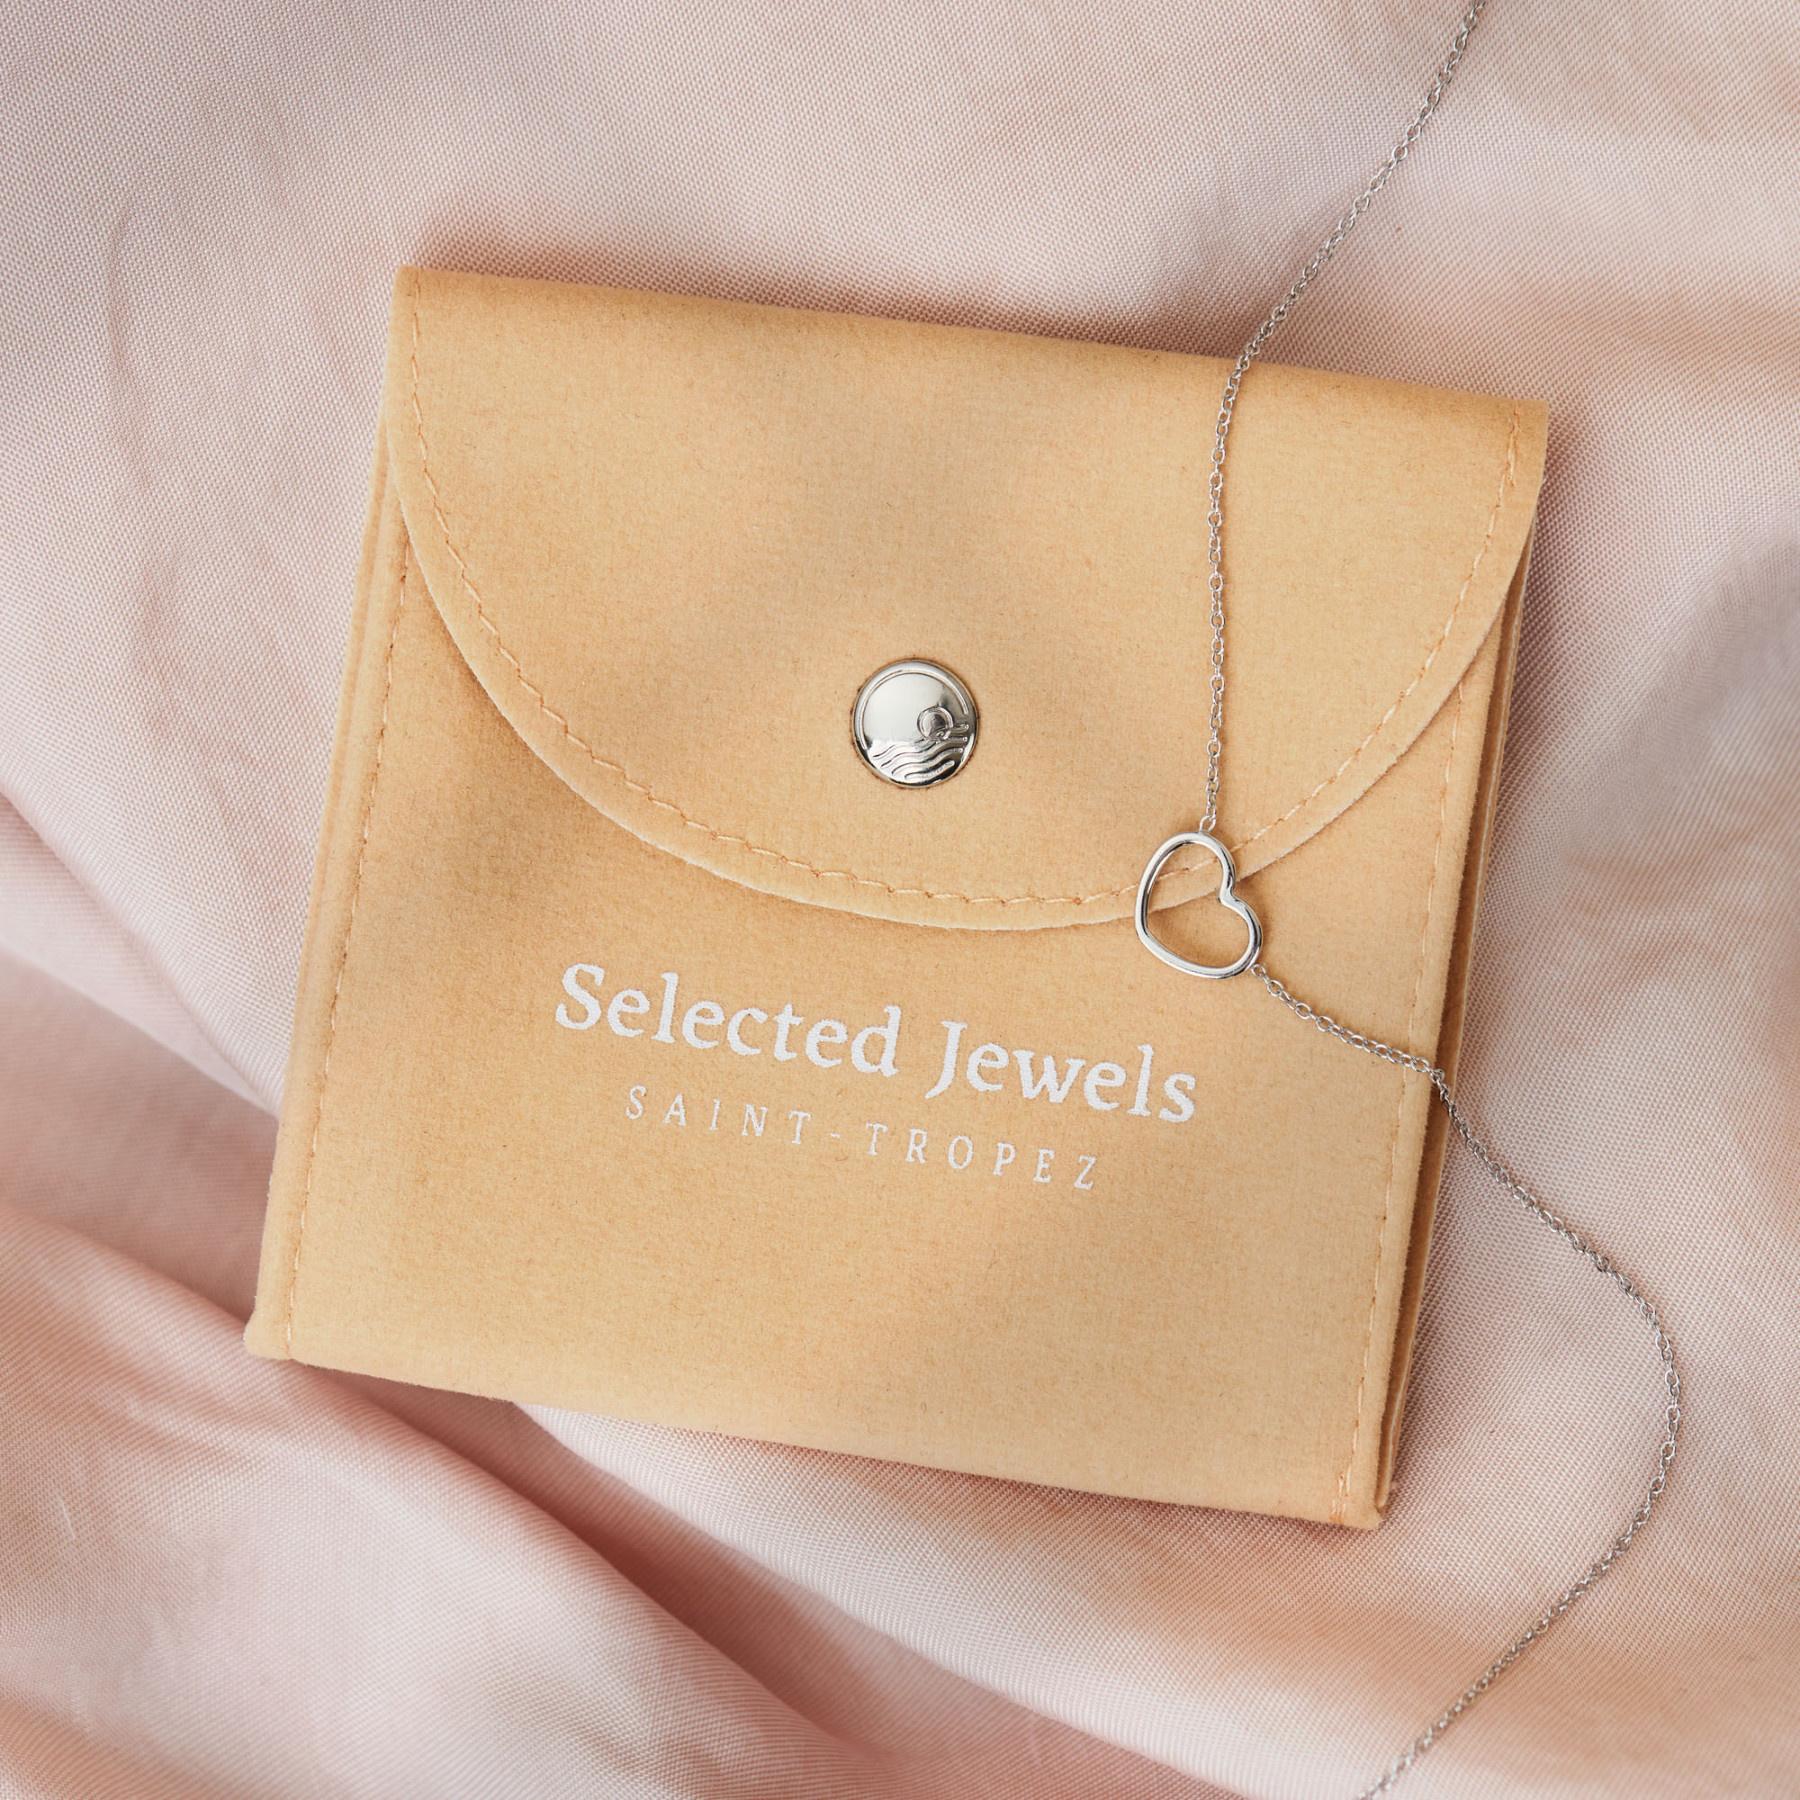 Selected Jewels Julie Théa 925 sterling zilveren creolen met kruisjes